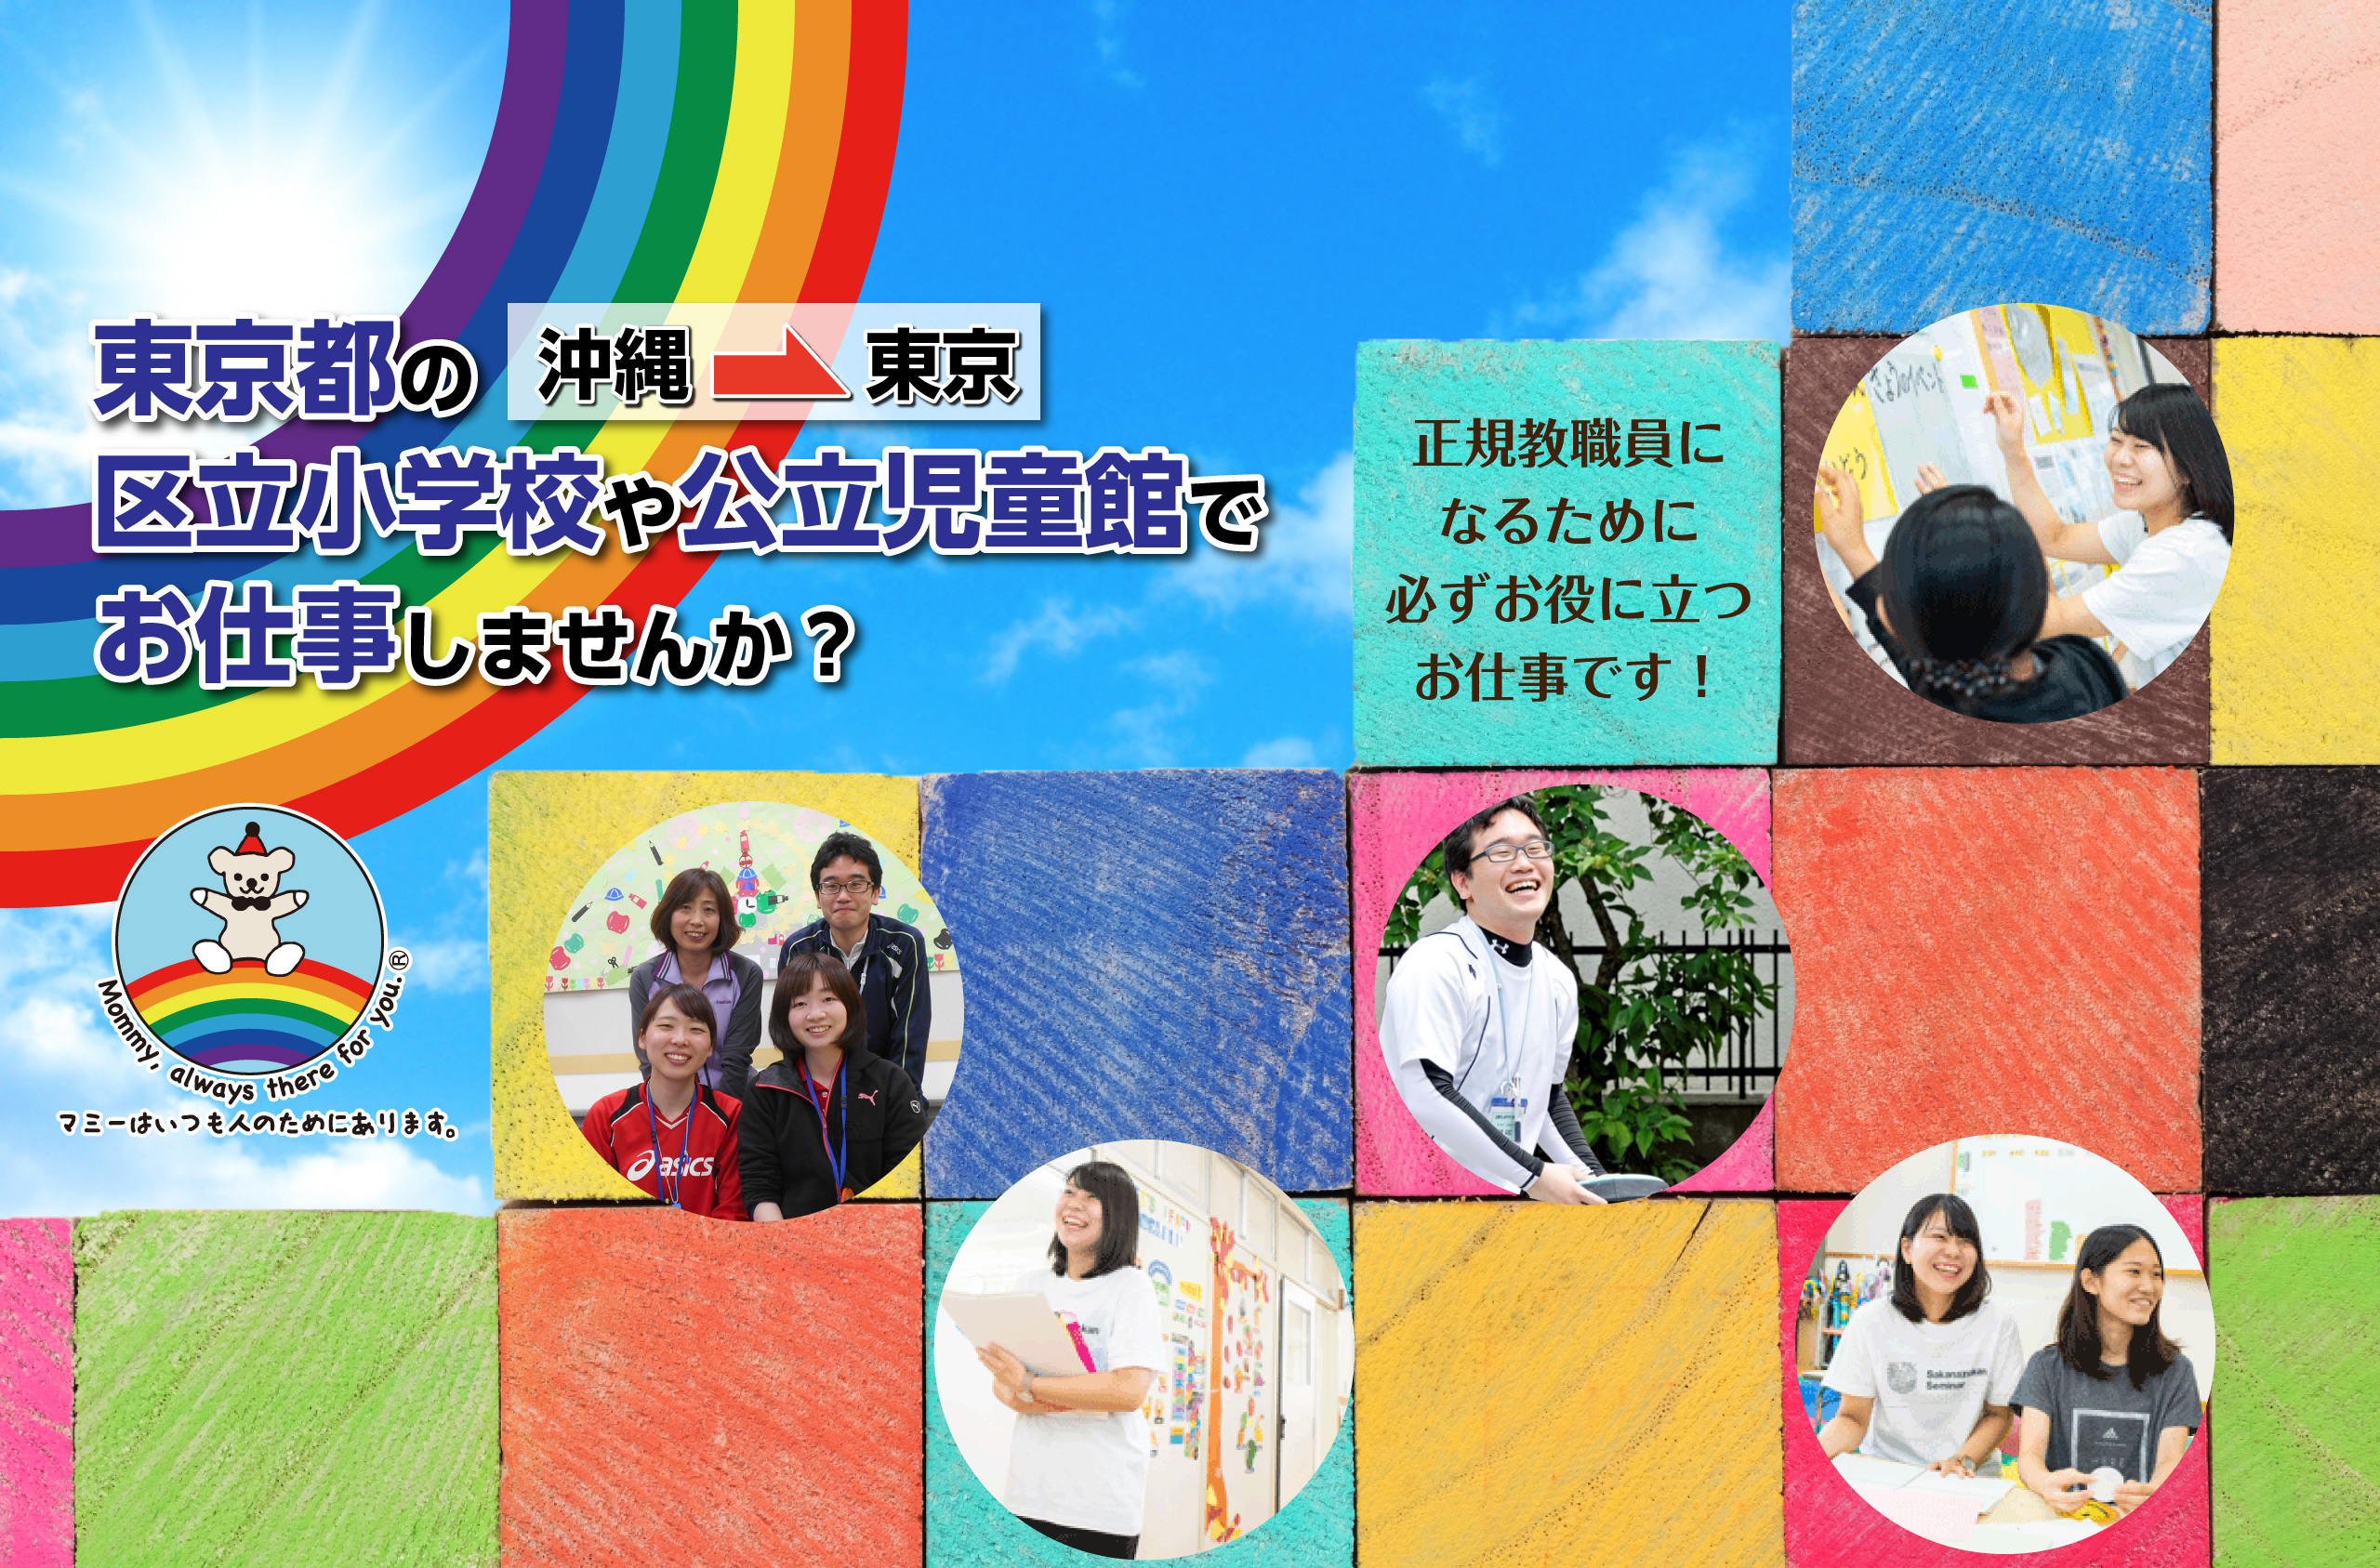 株式会社マミー・インターナショナル【求人情報】沖縄から東京へ。東京都の区立小学校や公立児童館でお仕事しませんか?